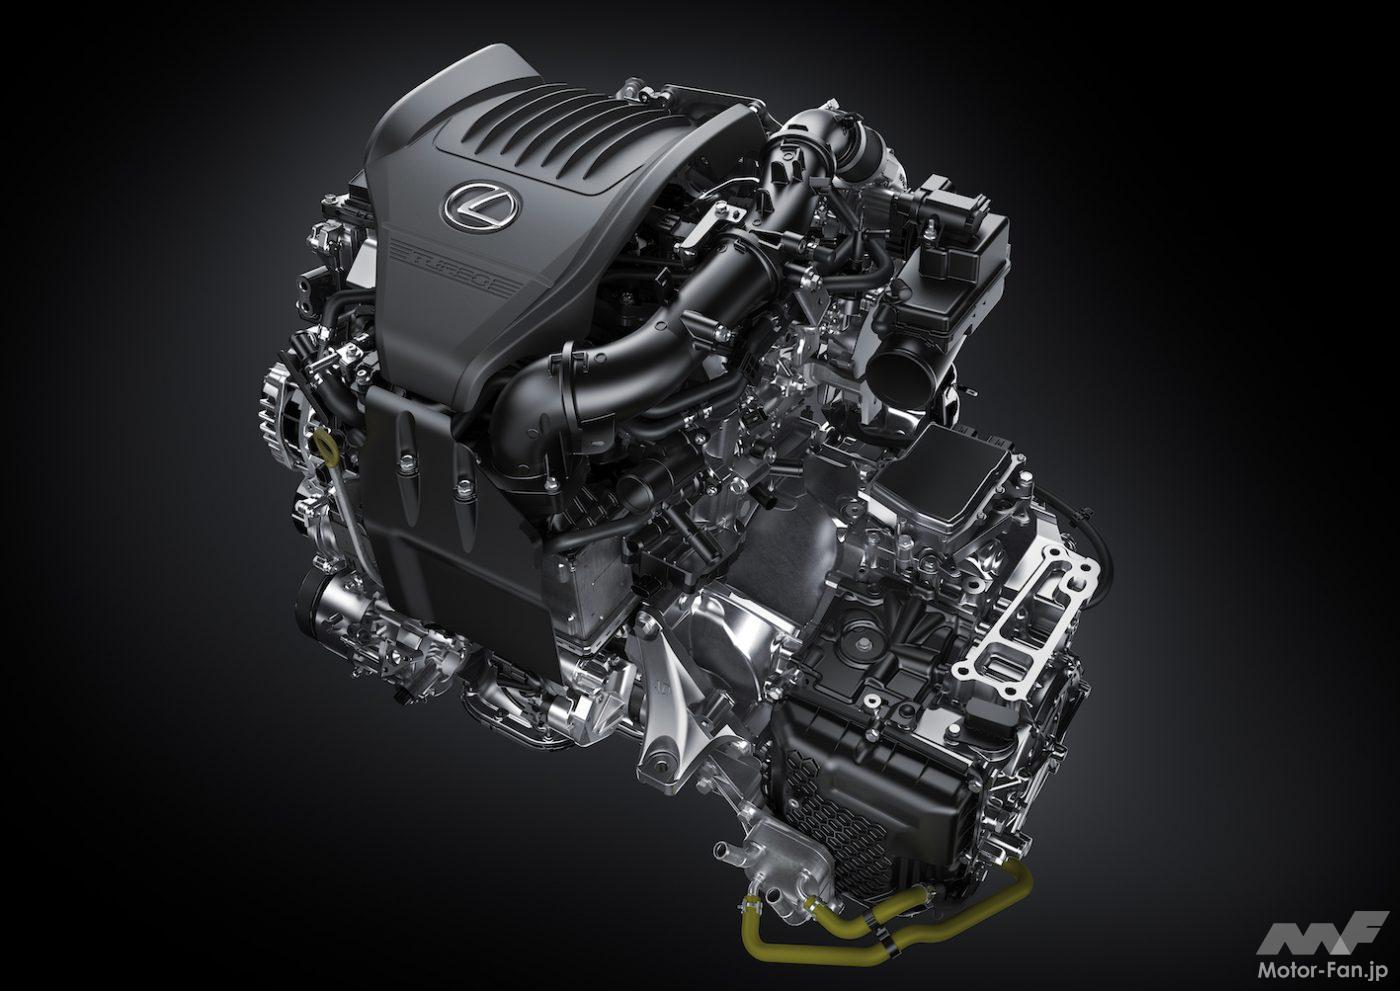 「その名は「T」 新型レクサスNXの新エンジン、2.4ℓ直4DOHC直噴ターボT24A-FTS型とは?」の8枚目の画像